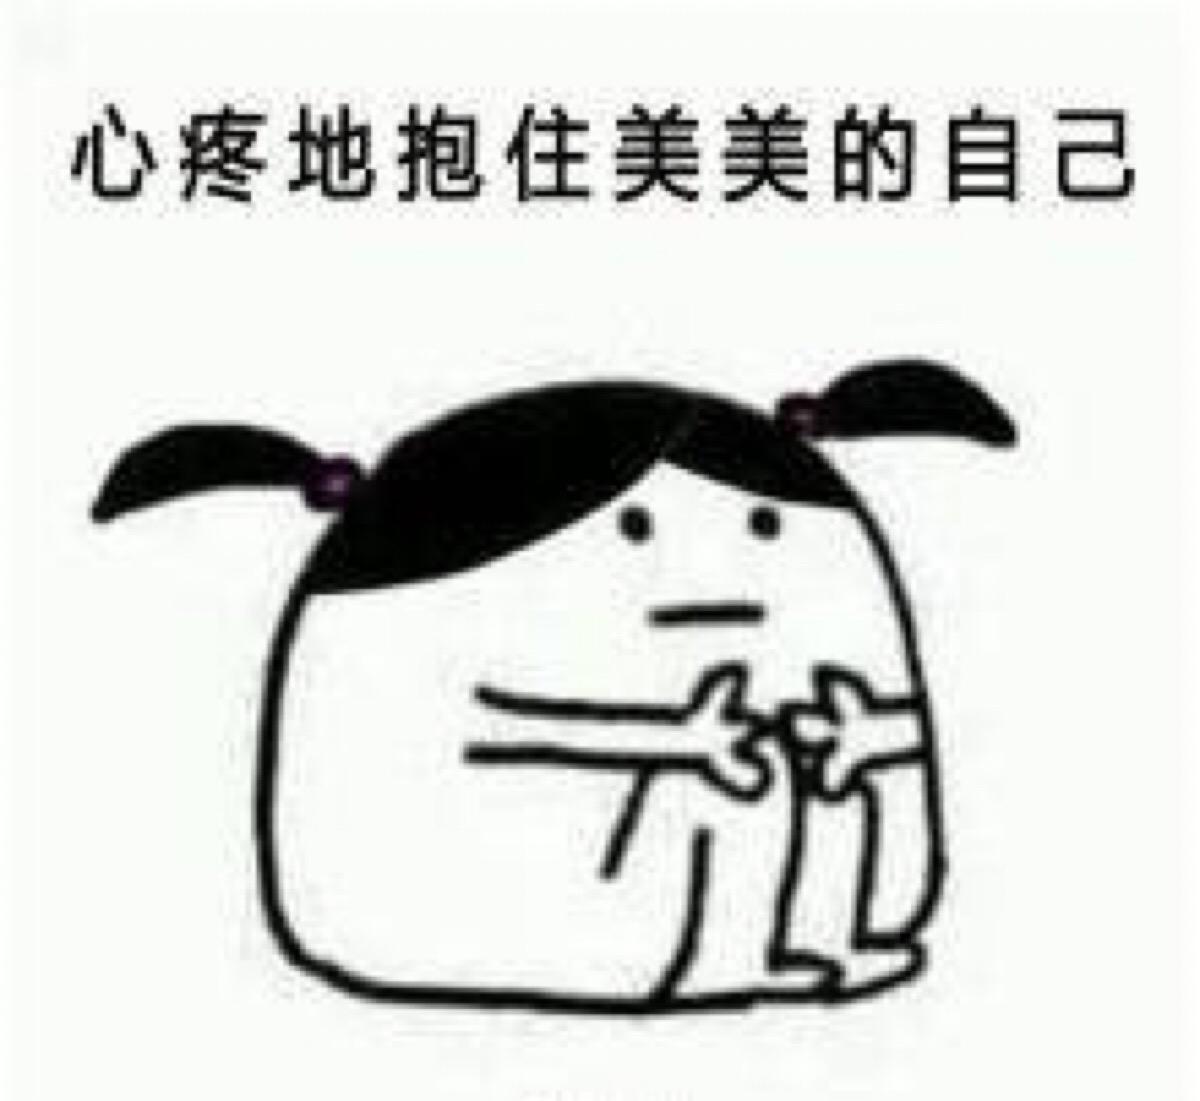 神吐槽:300斤女主播当街强吻七旬老大爷,这也算是性骚扰了吧?